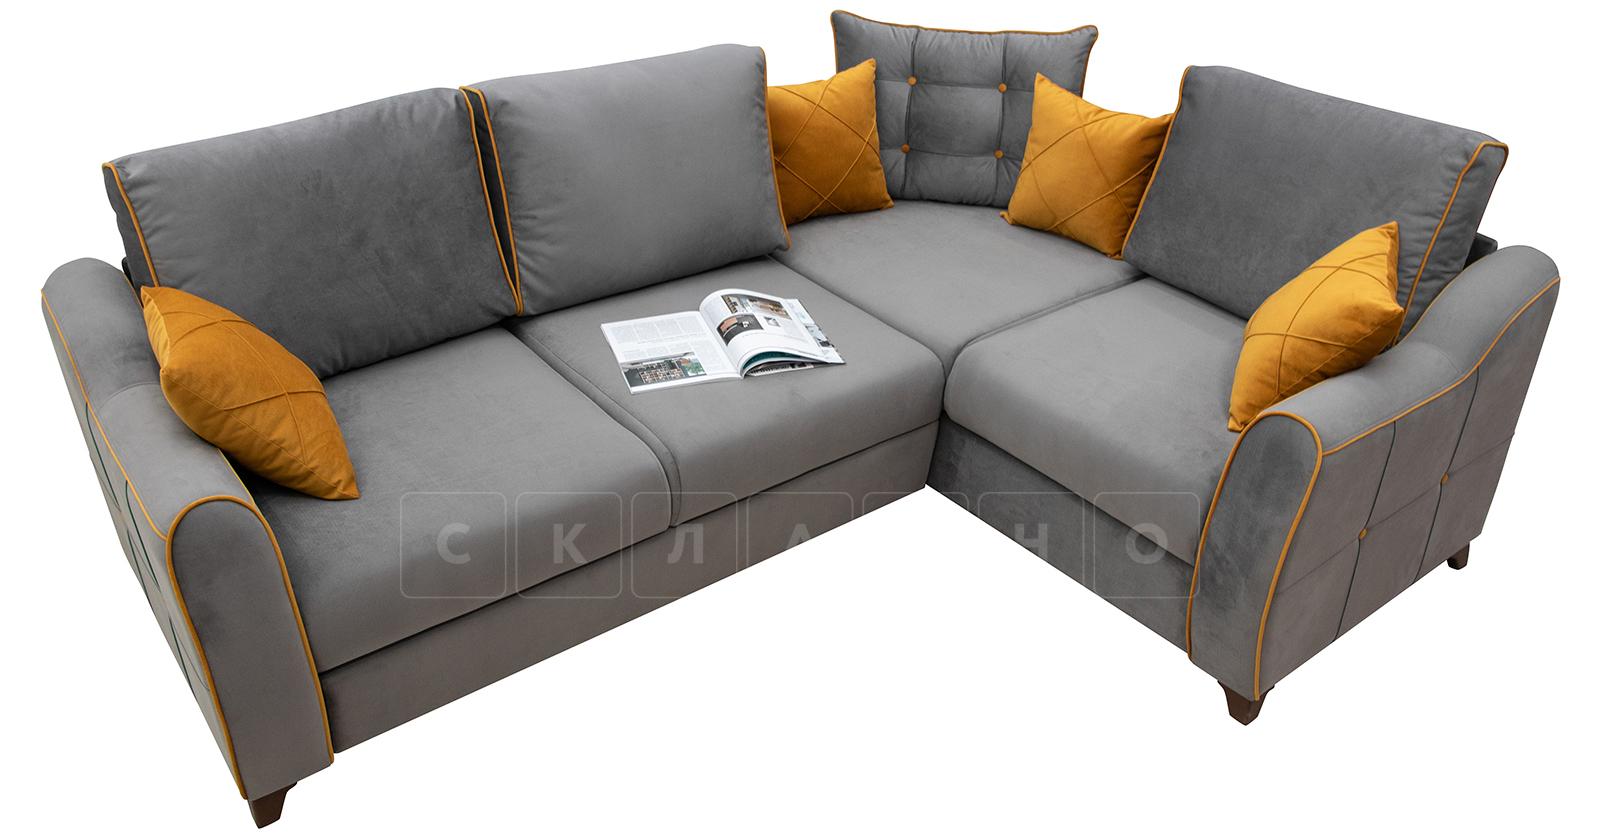 Диван-кровать угловой Флэтфорд кварцевый серый фото 2   интернет-магазин Складно